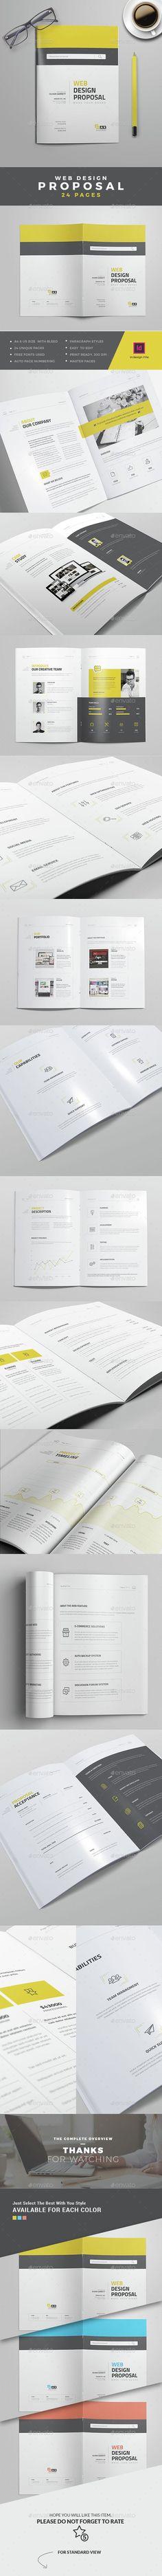 Deliverables u0026 Timeline Website Proposal Planning